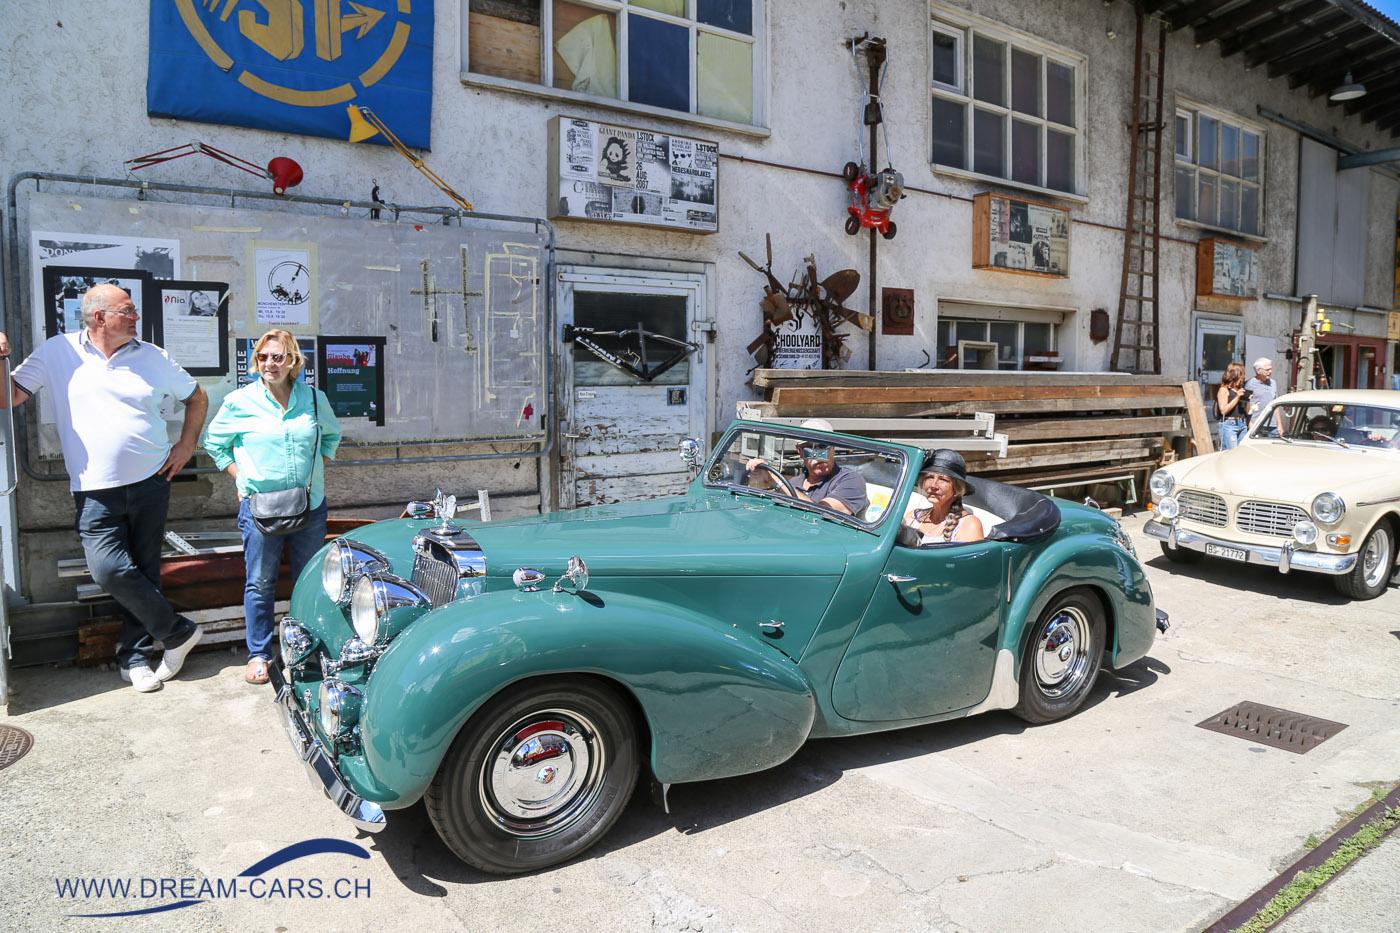 Oldtimer im Walzwerk, Münchenstein, 11. August 2018. Ein Triumph 1800 Roadster vor einem Volvo Amazon vor interessanter Fassade